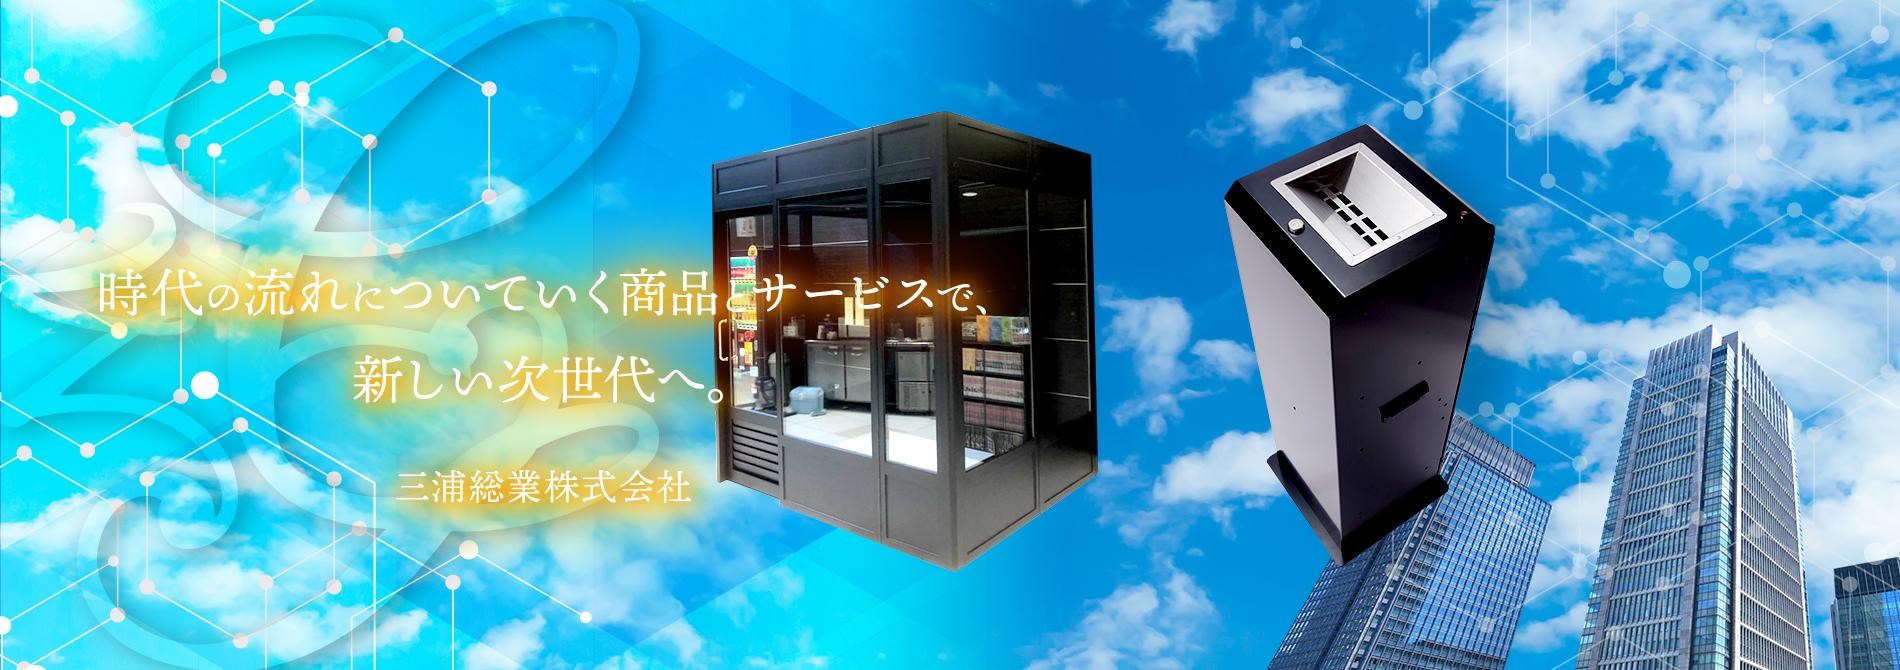 三浦総業株式会社